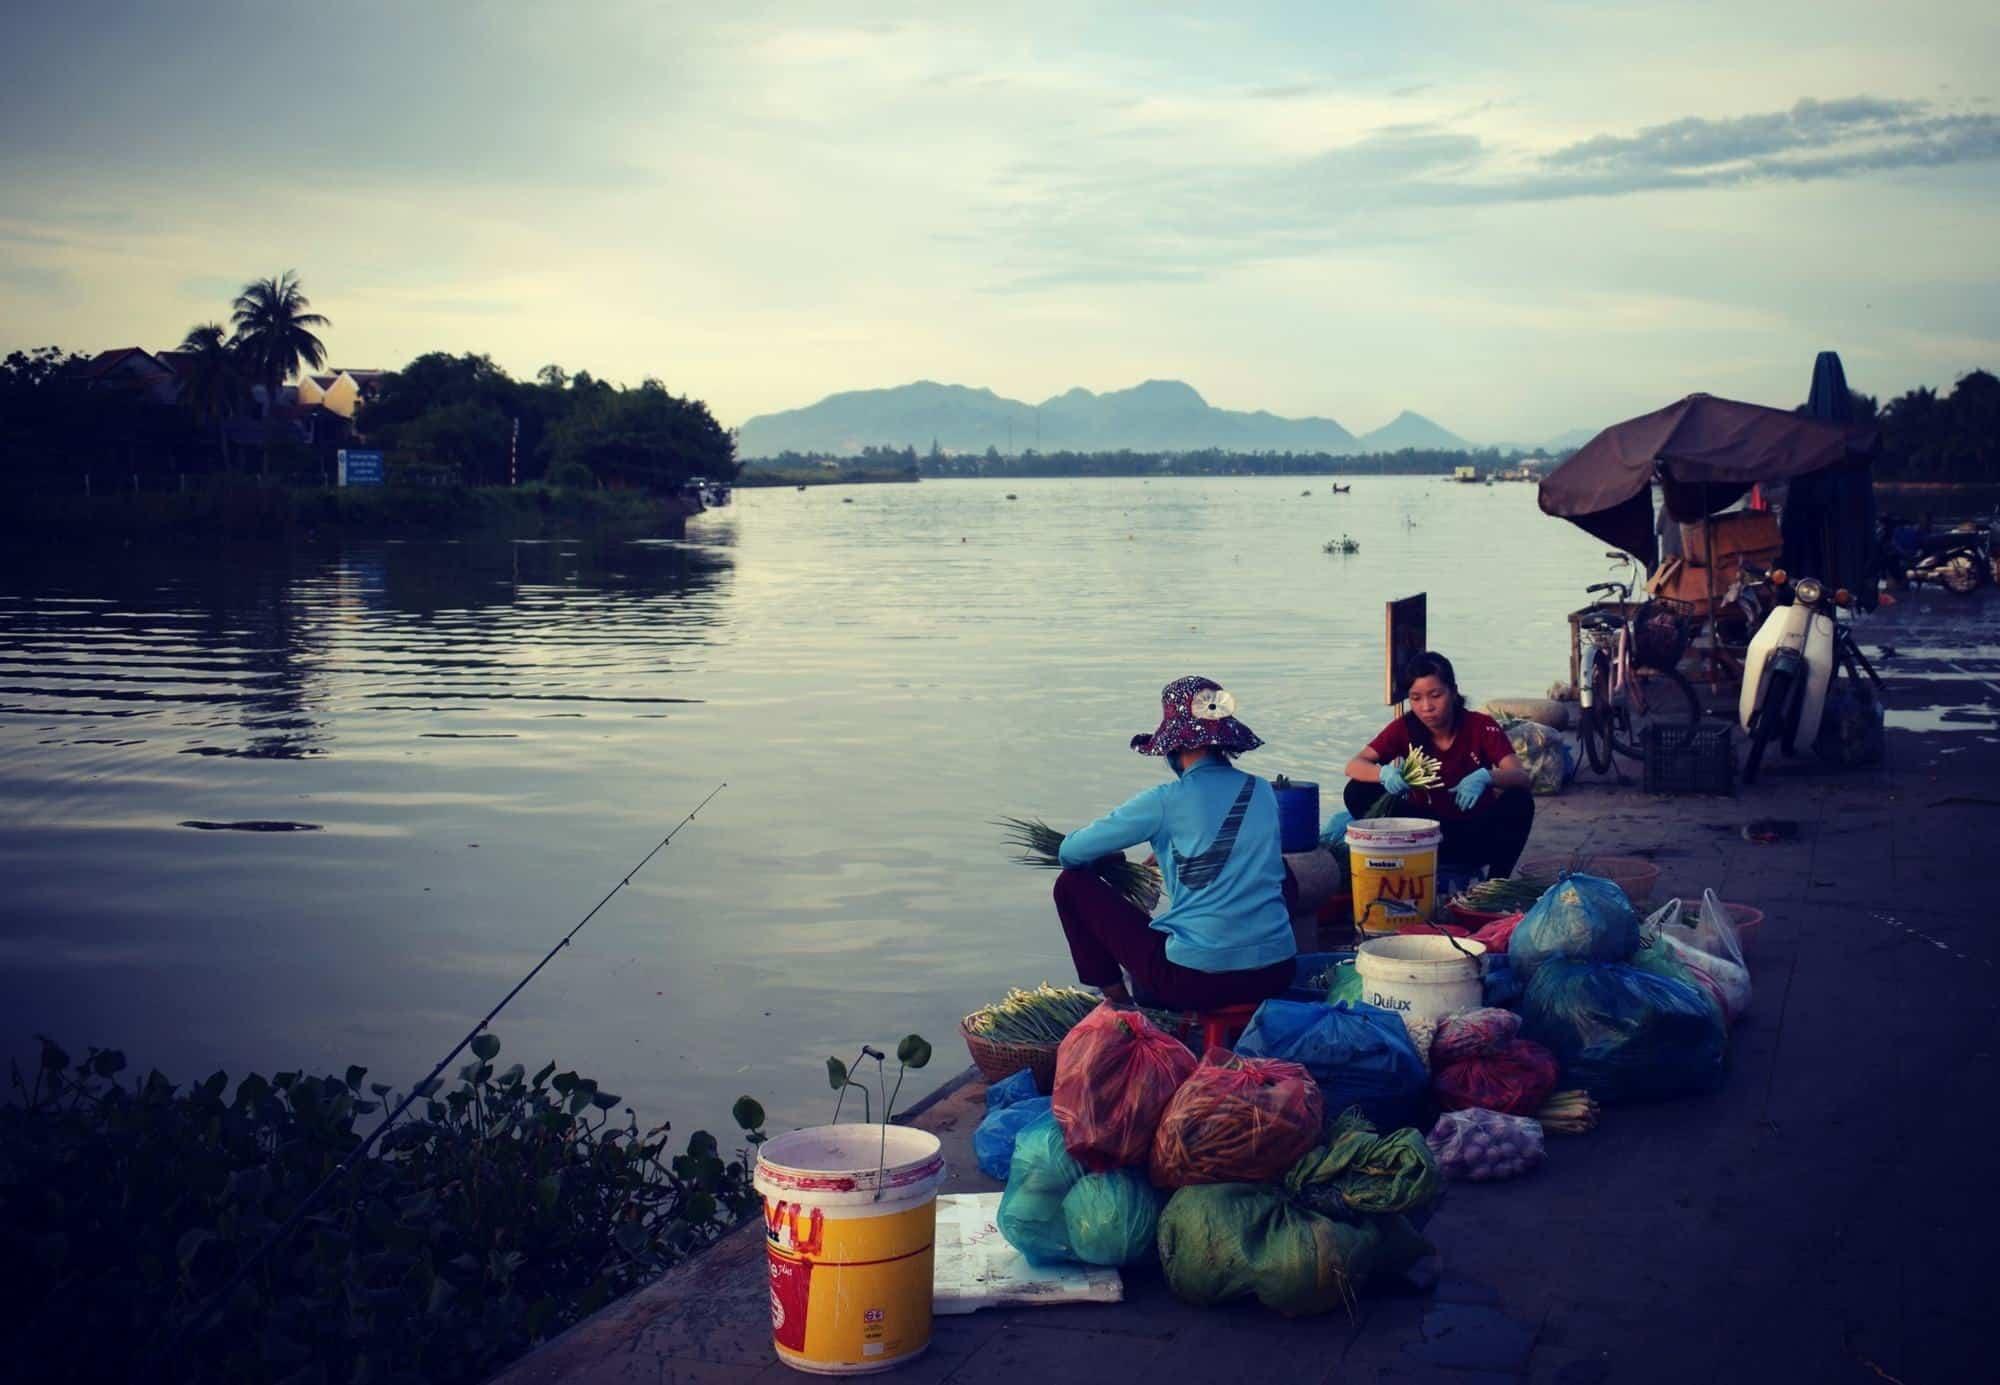 Dawn at Hoi An Market